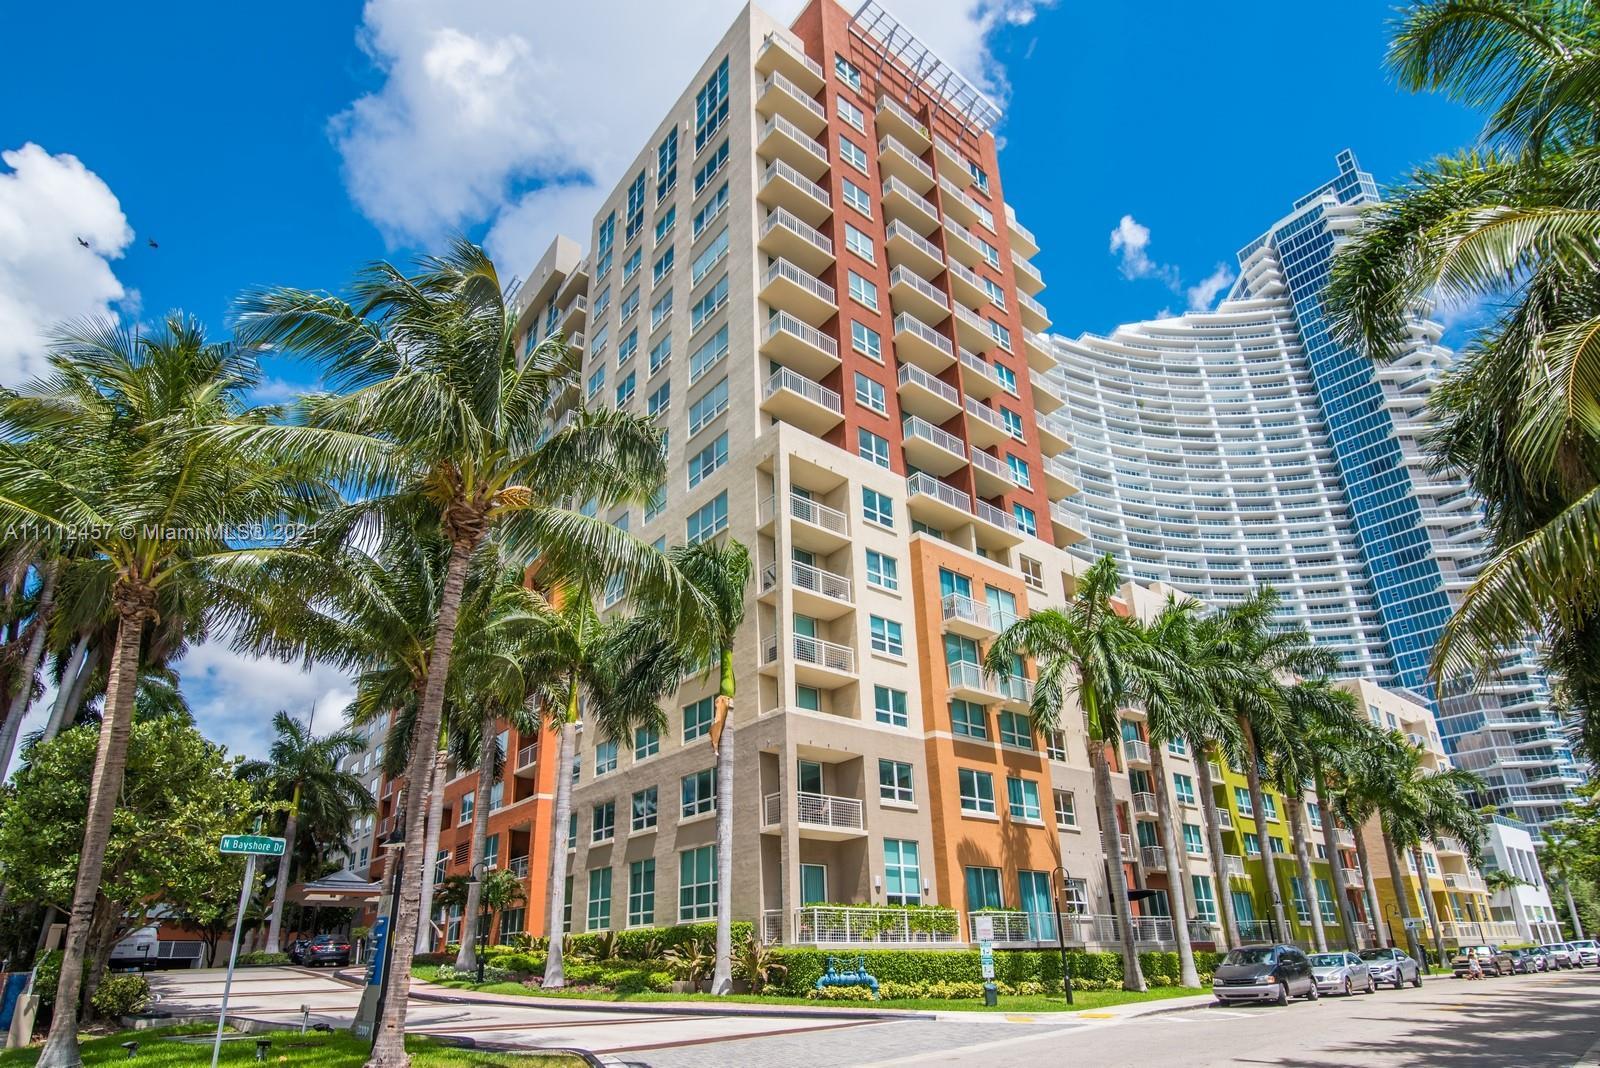 Condo For Rent at CITE CONDO,CITE ON THE BAY